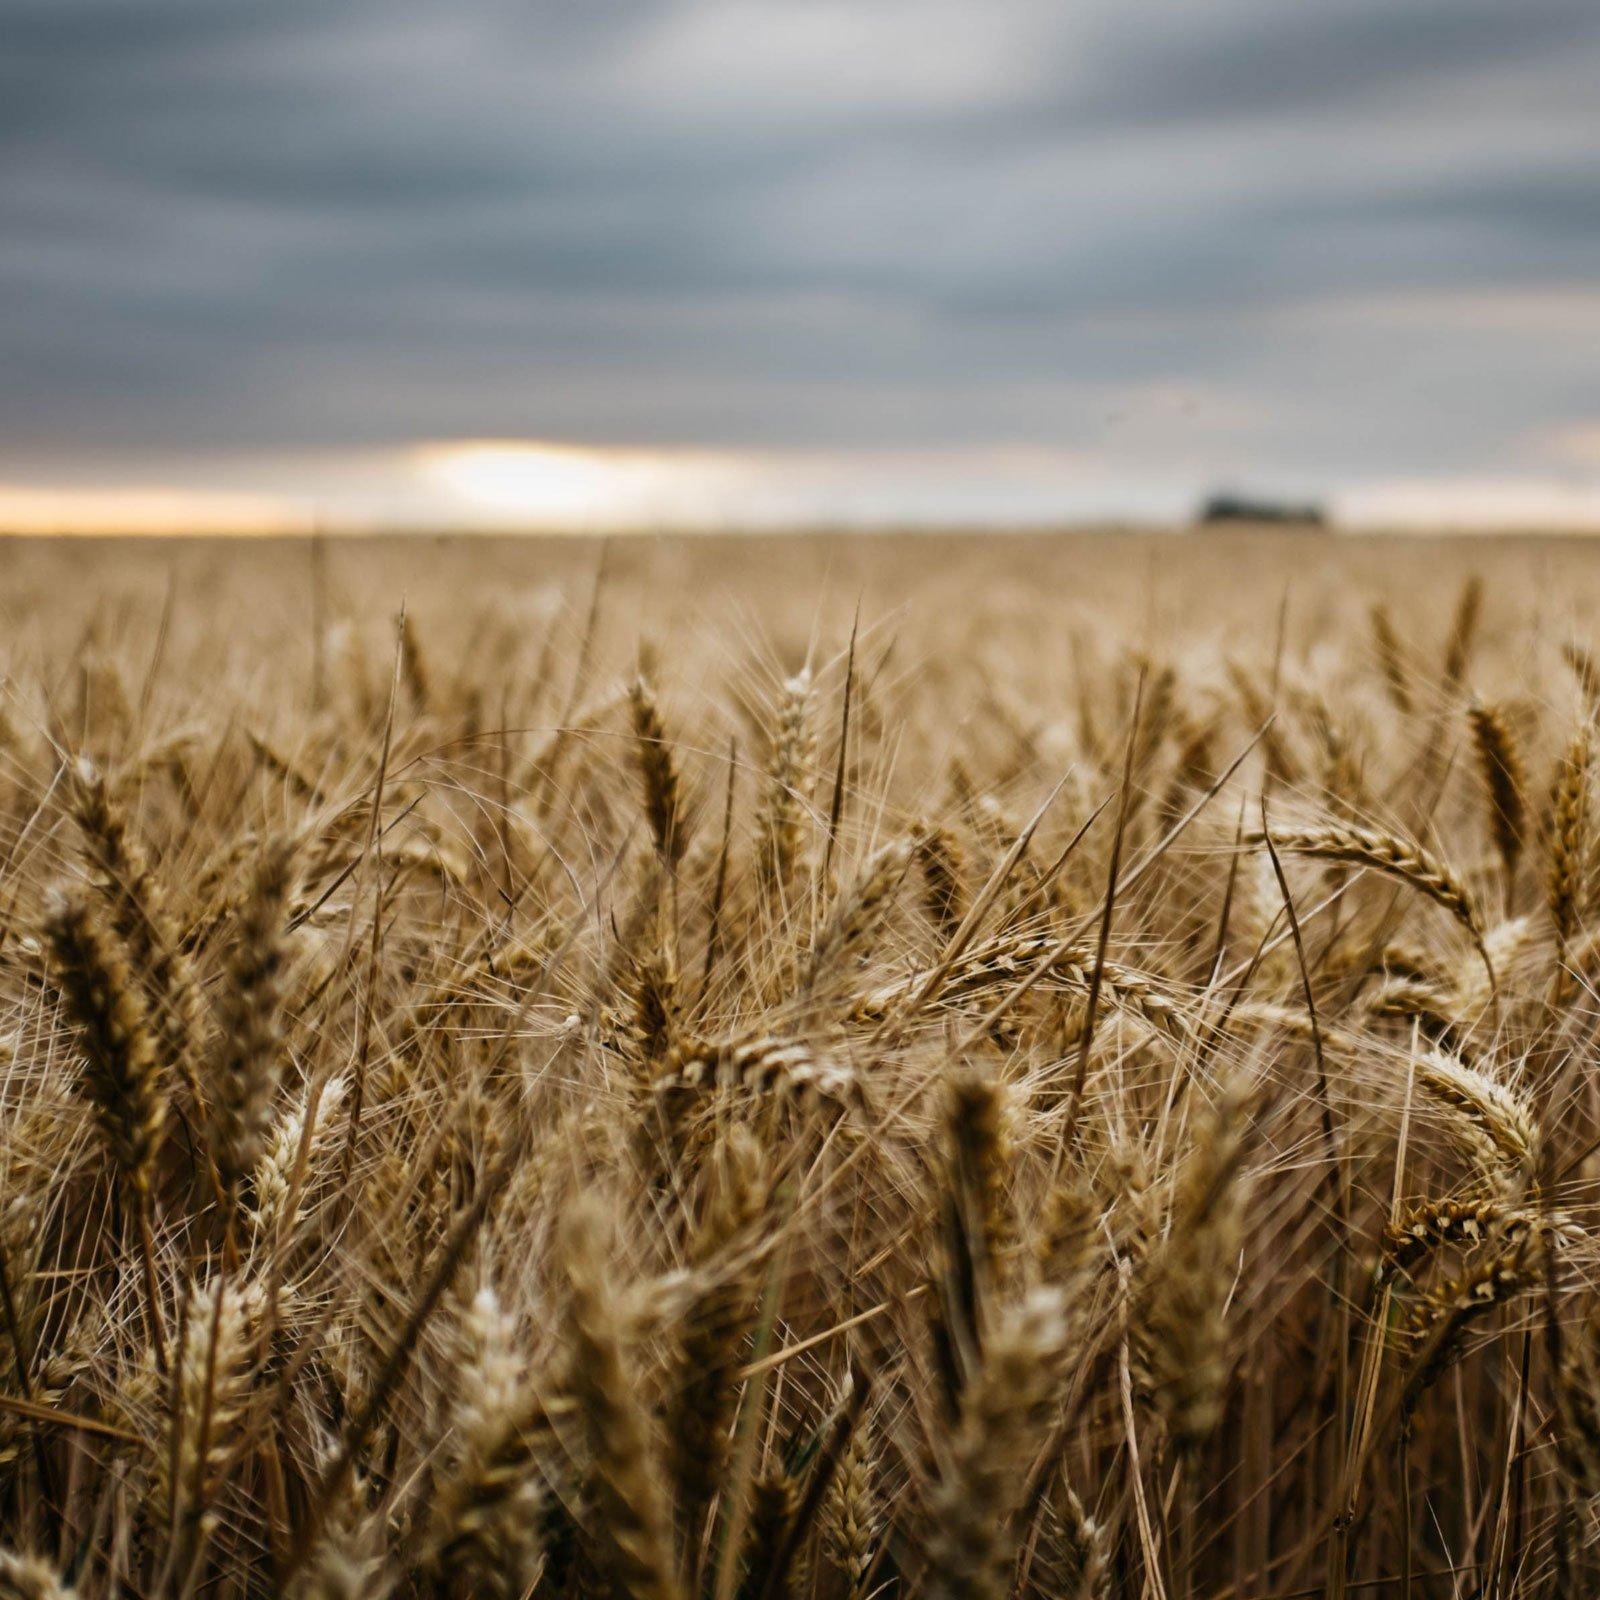 Wheat field near dusk.